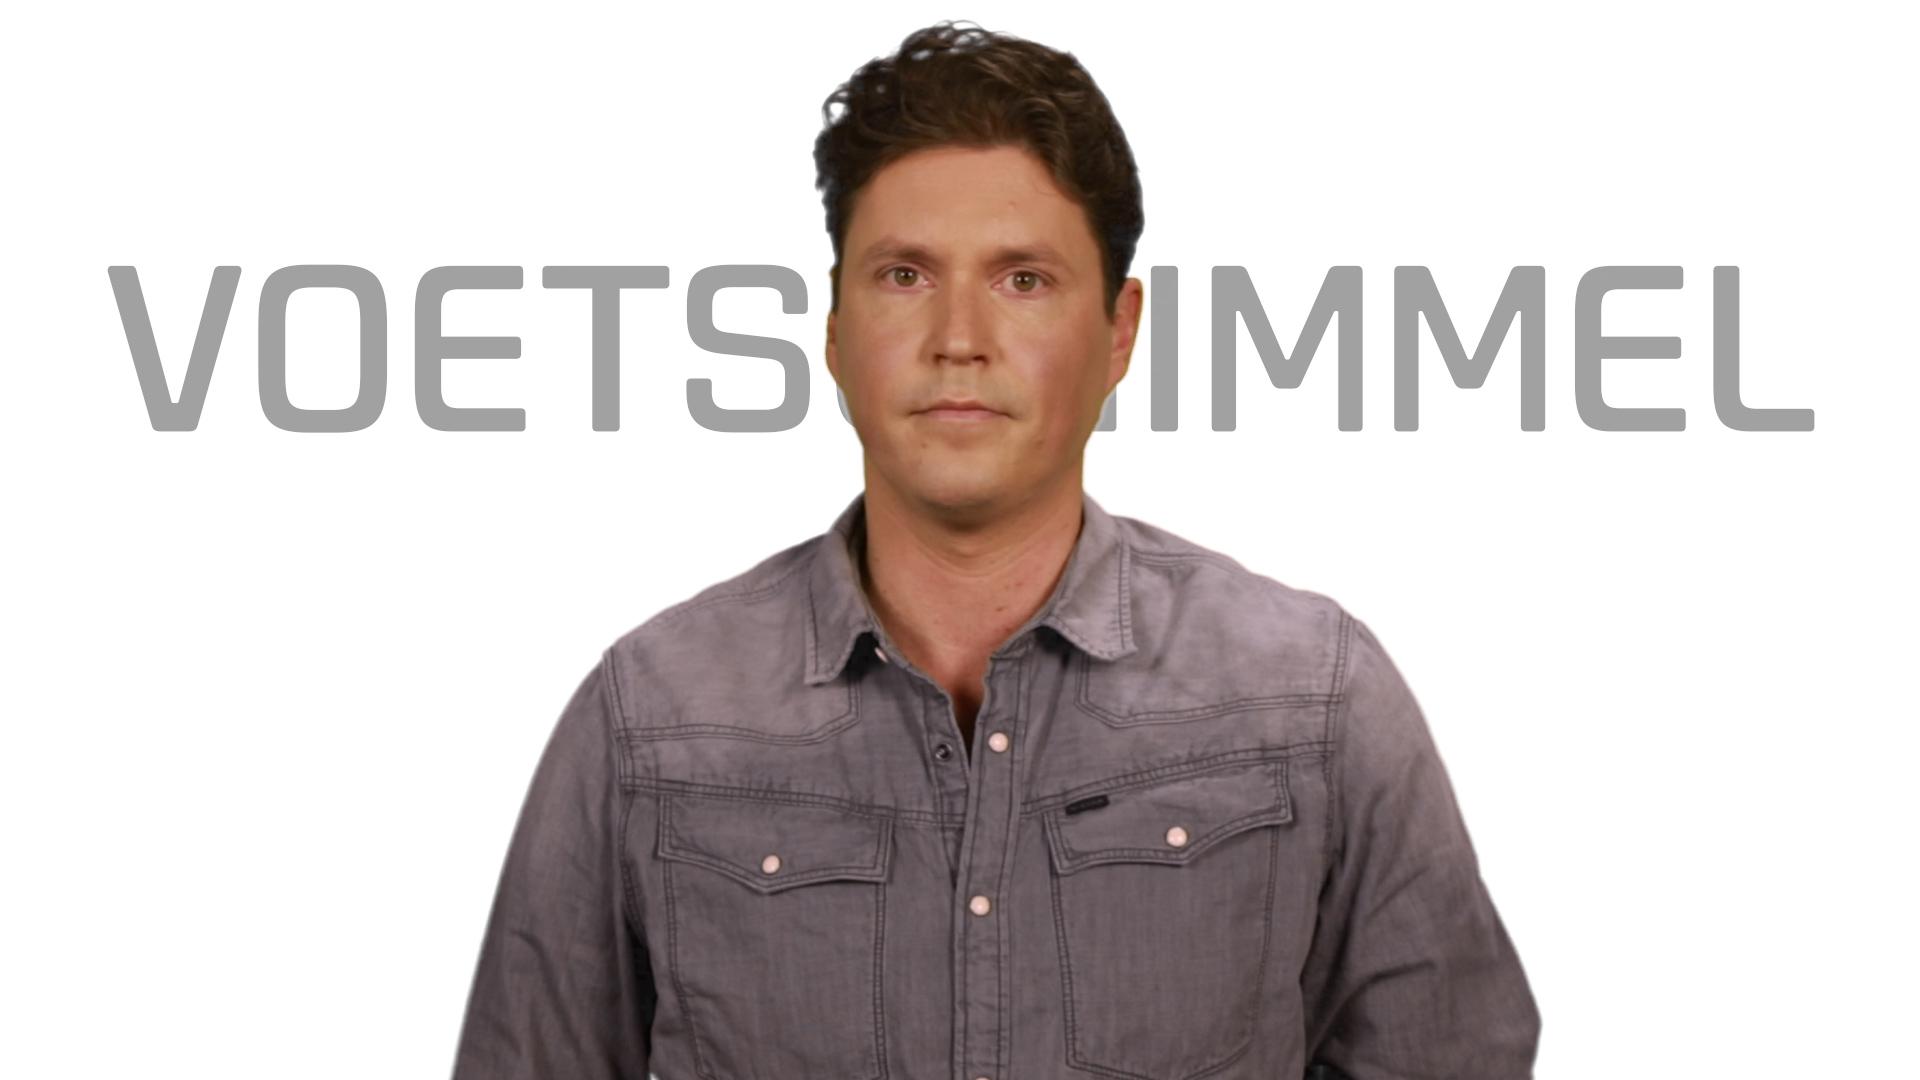 Bekijk de video: Voetschimmel